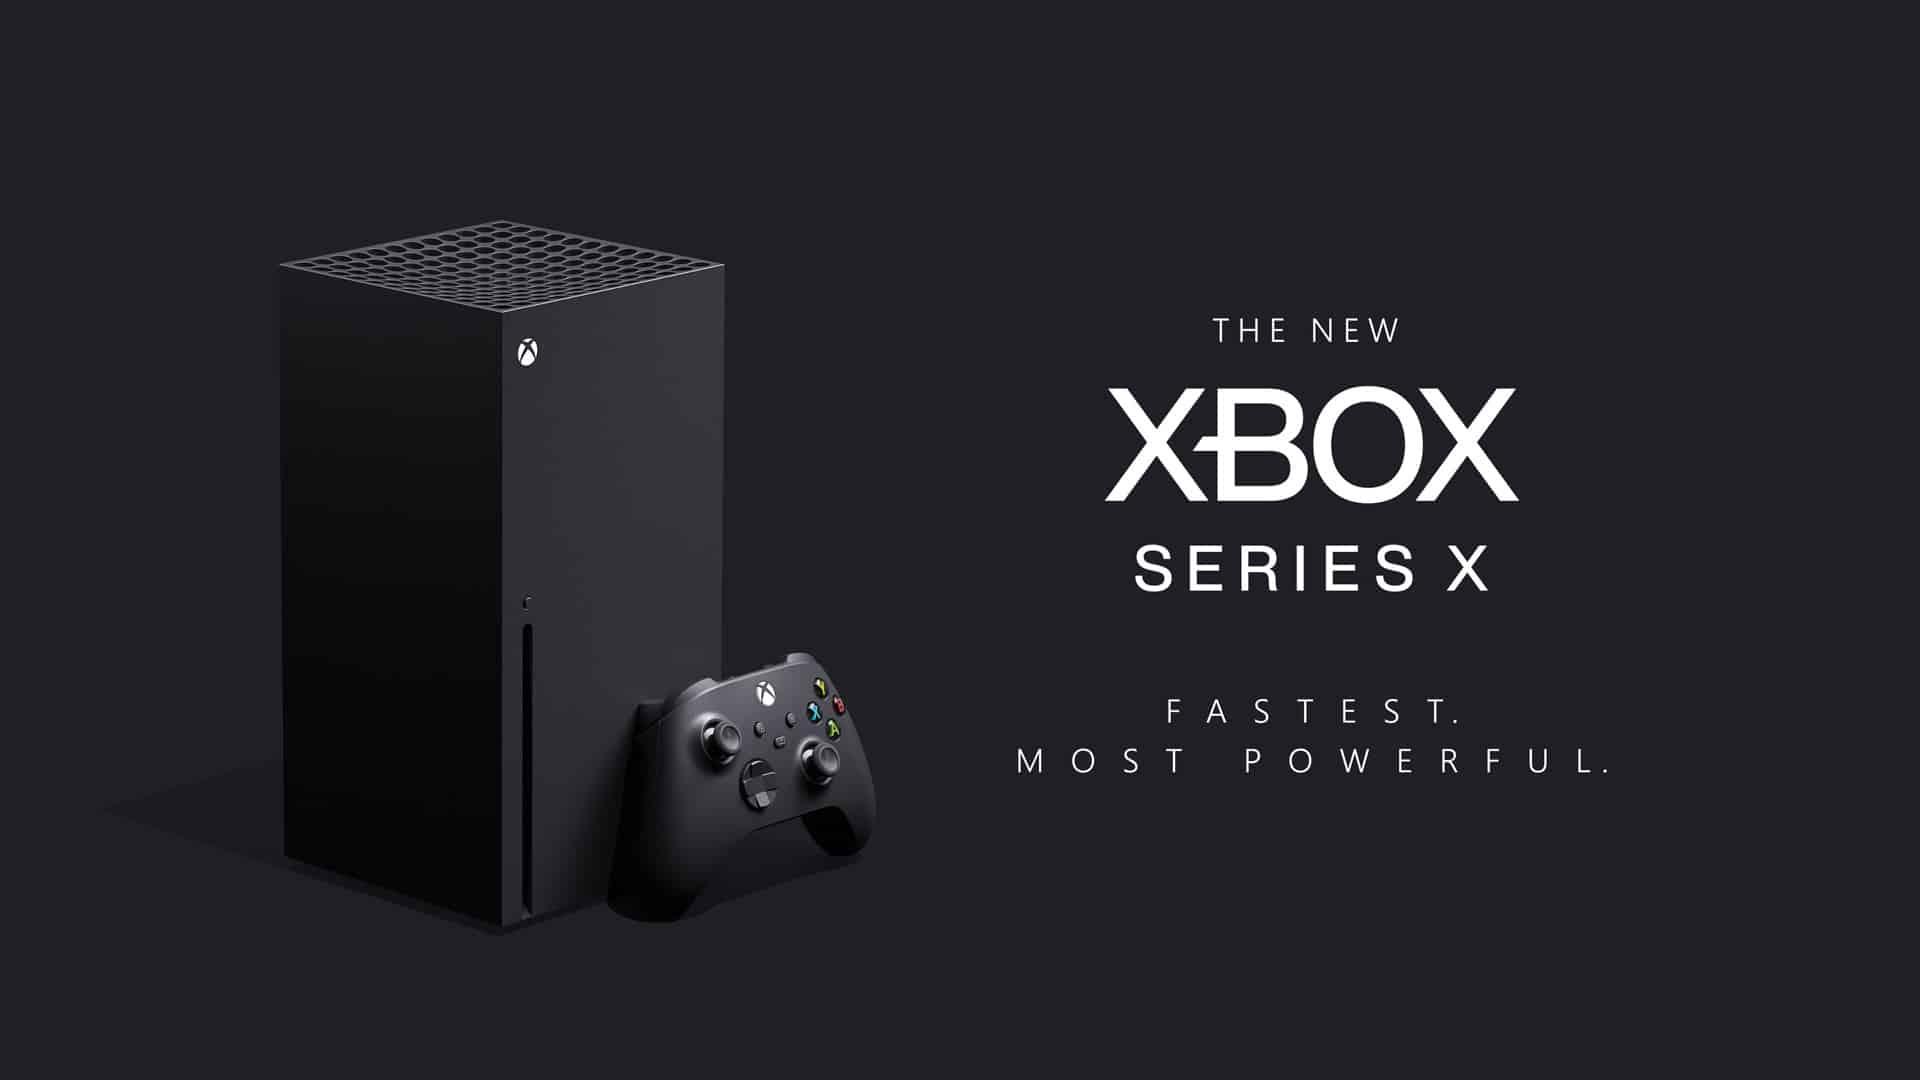 Next-Gen Xbox Series X Console